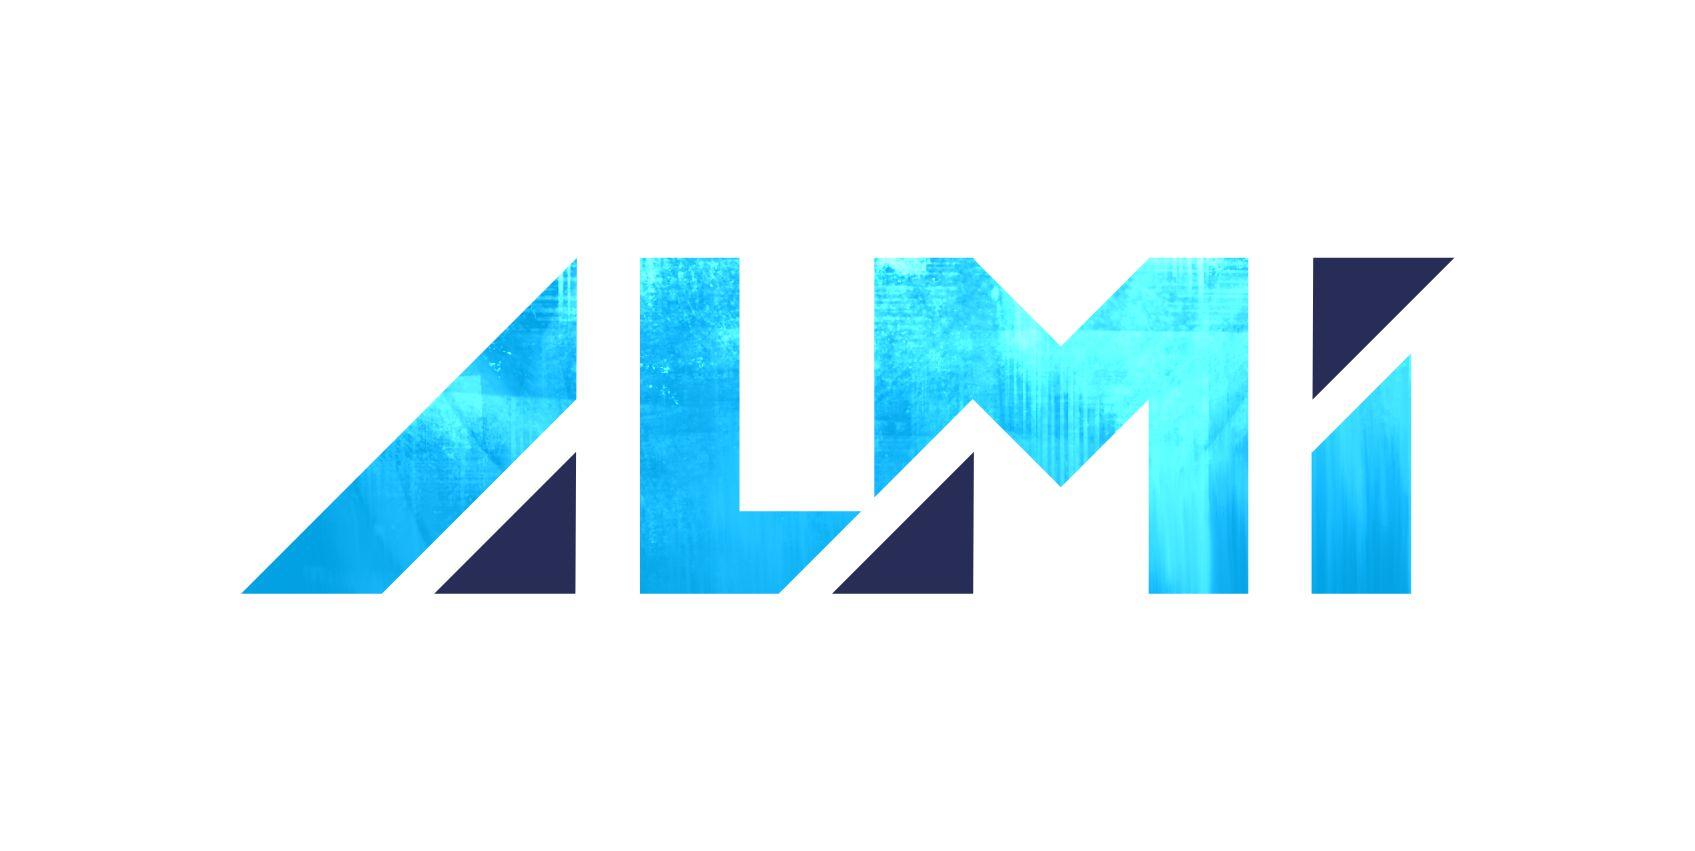 Разработка логотипа и фона фото f_481598af51953a2d.jpg